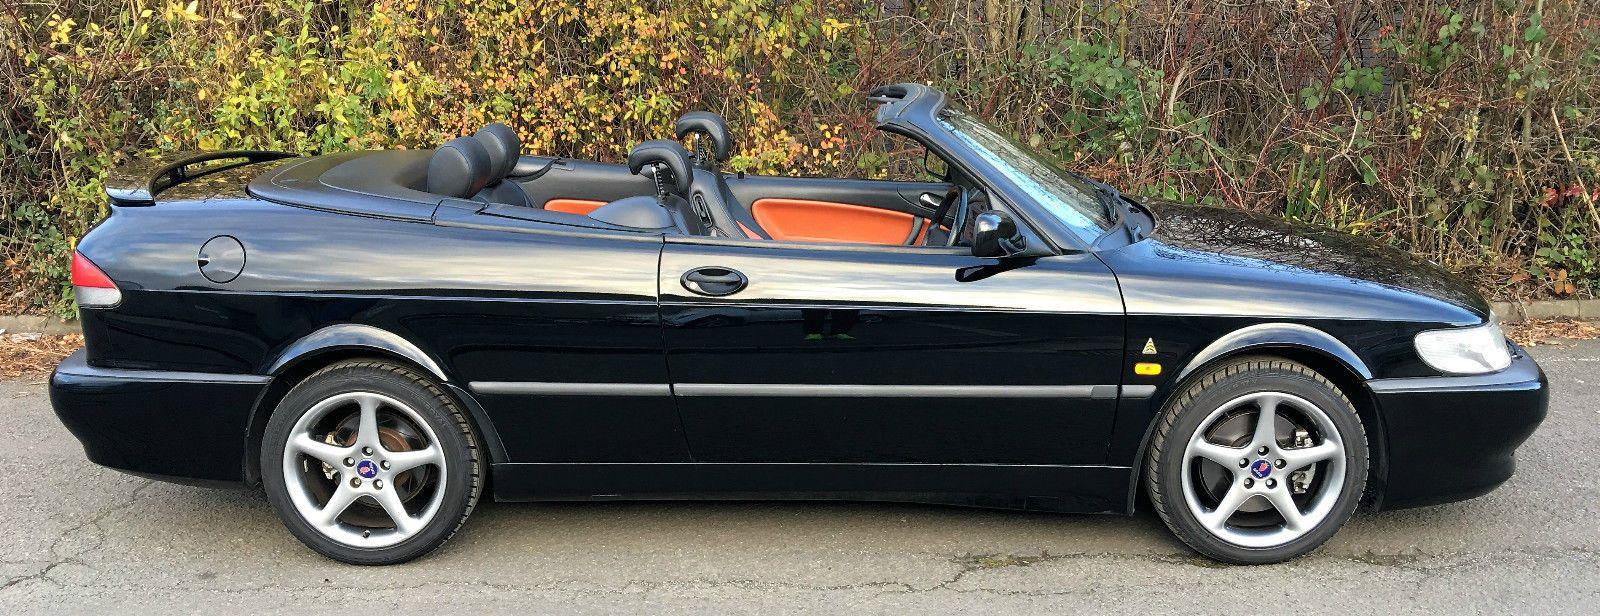 Saab 9 3 Viggen Turbo Black 1999 Saab 9 3 Viggen Saab 9